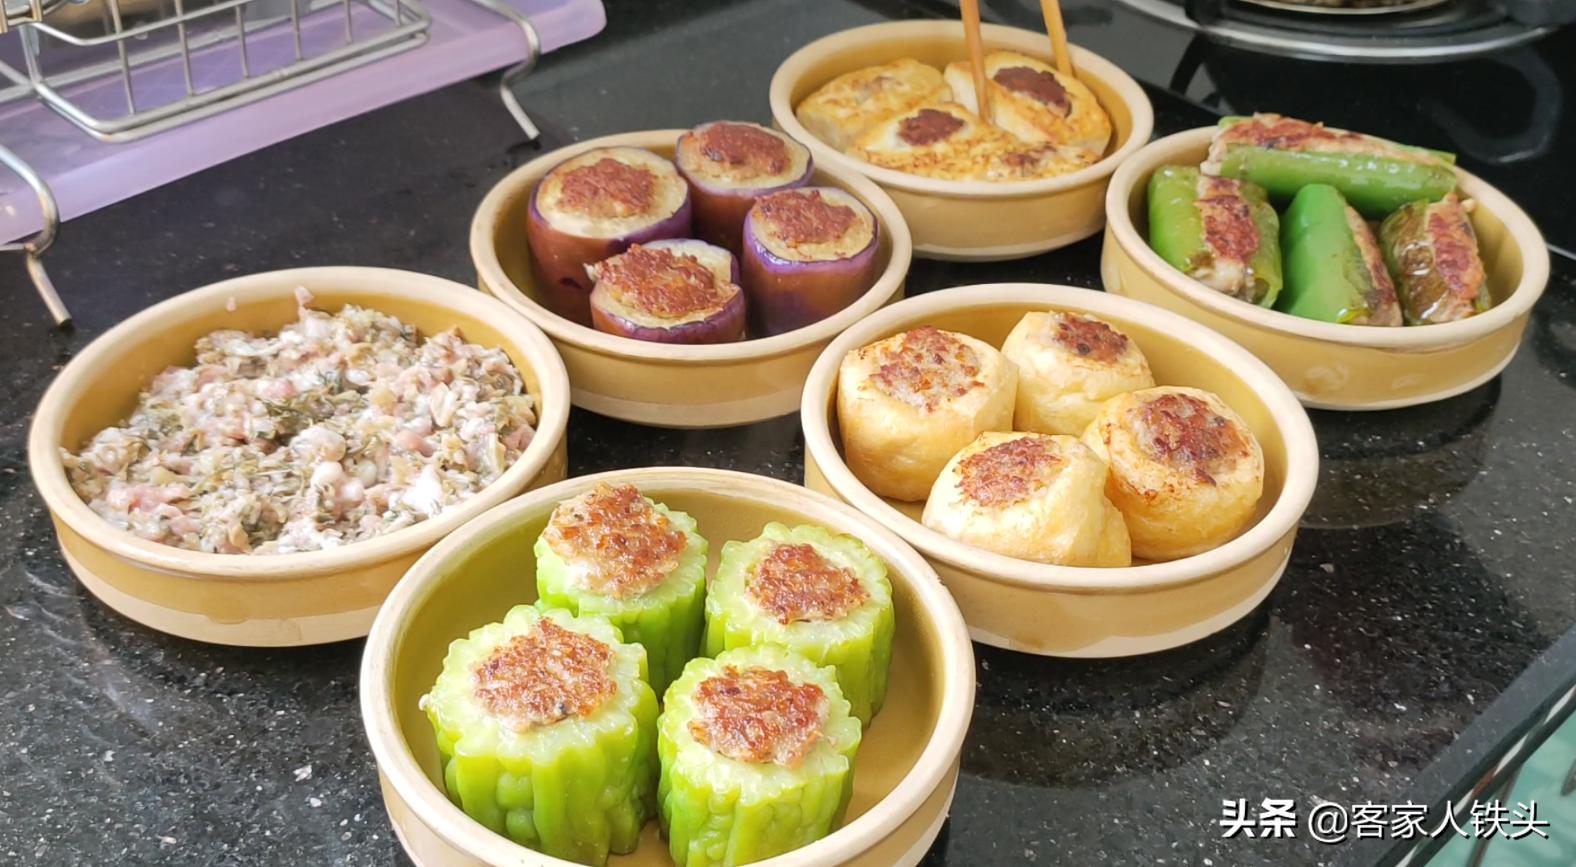 客家人百吃不膩的6道菜,教你一鍋做出來,一開鍋蓋,肚子都餓了